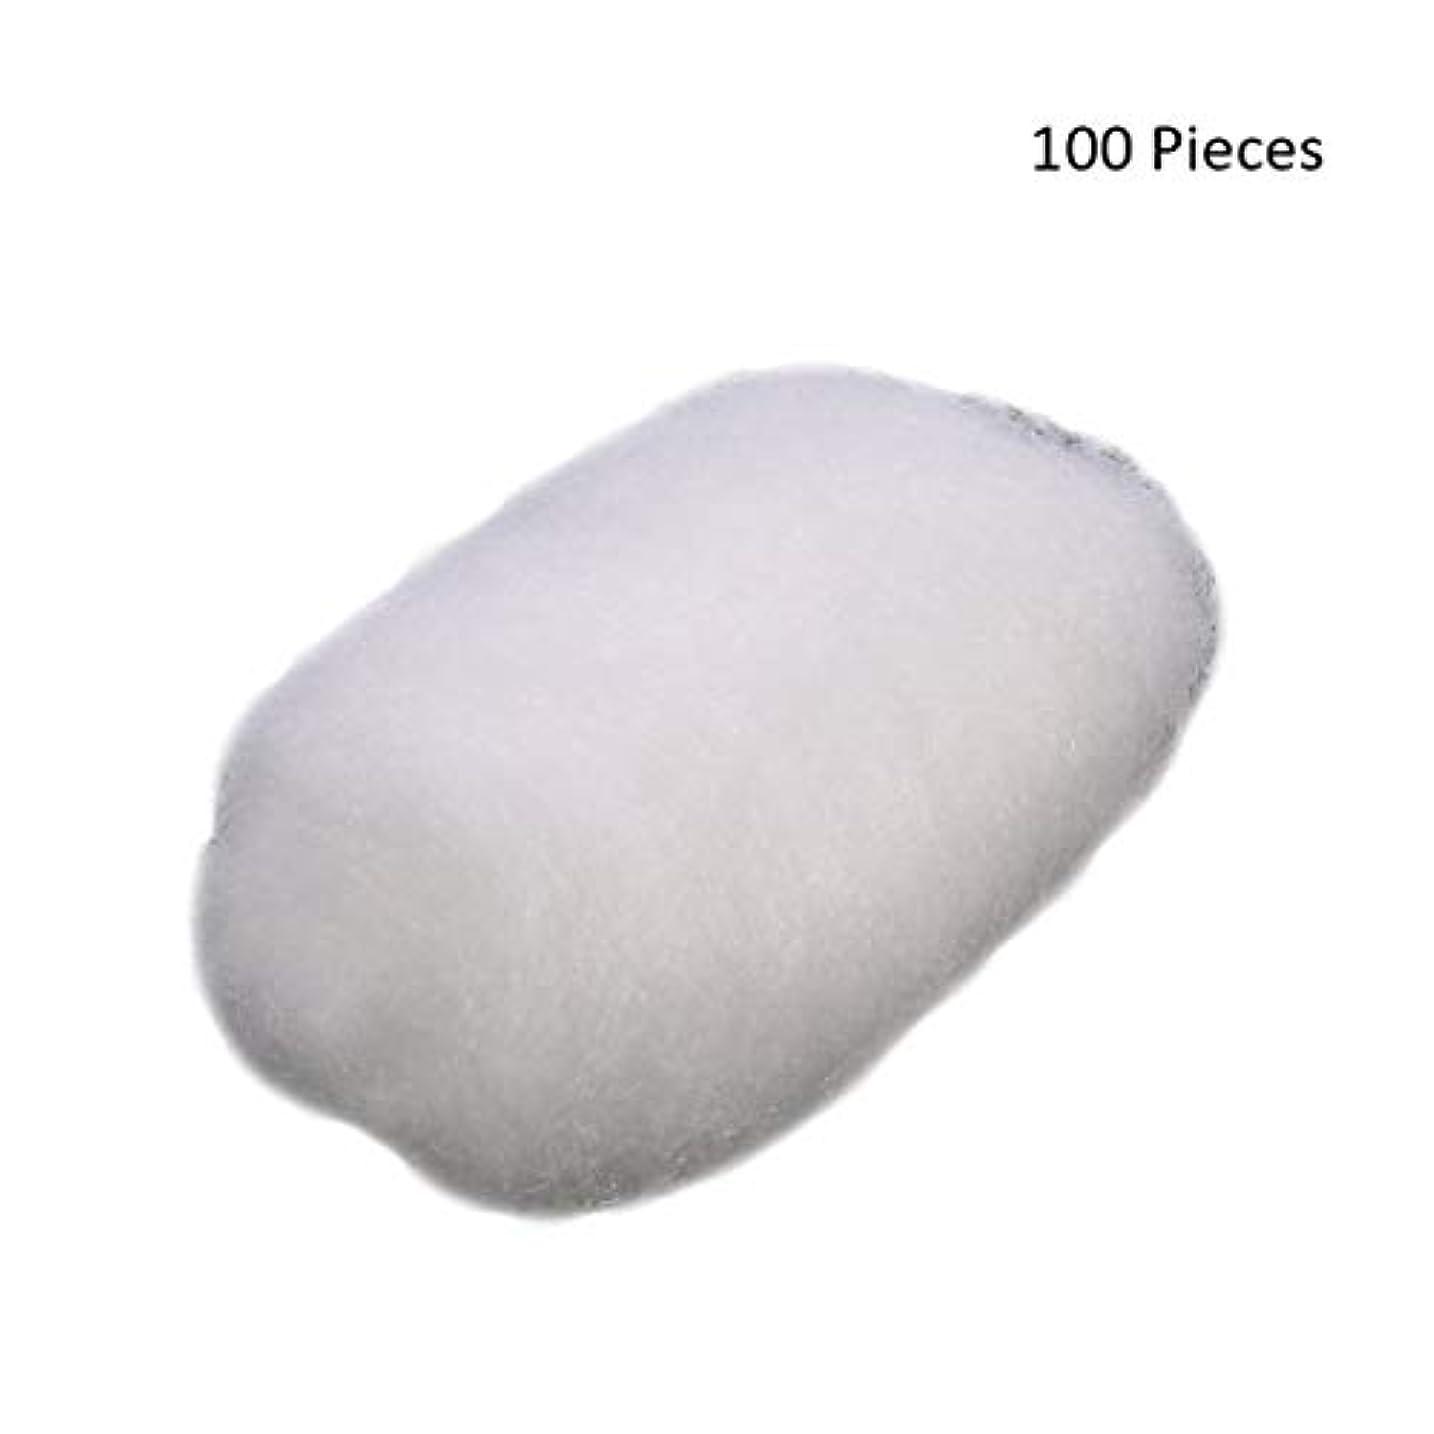 周辺リスク誠意化粧パッド 100ピース/バッグコットンボールタトゥー消毒化粧クレンジングローションオイルマニキュア化粧品除去パフコットンボール メイク落とし化粧パッド (Color : White)